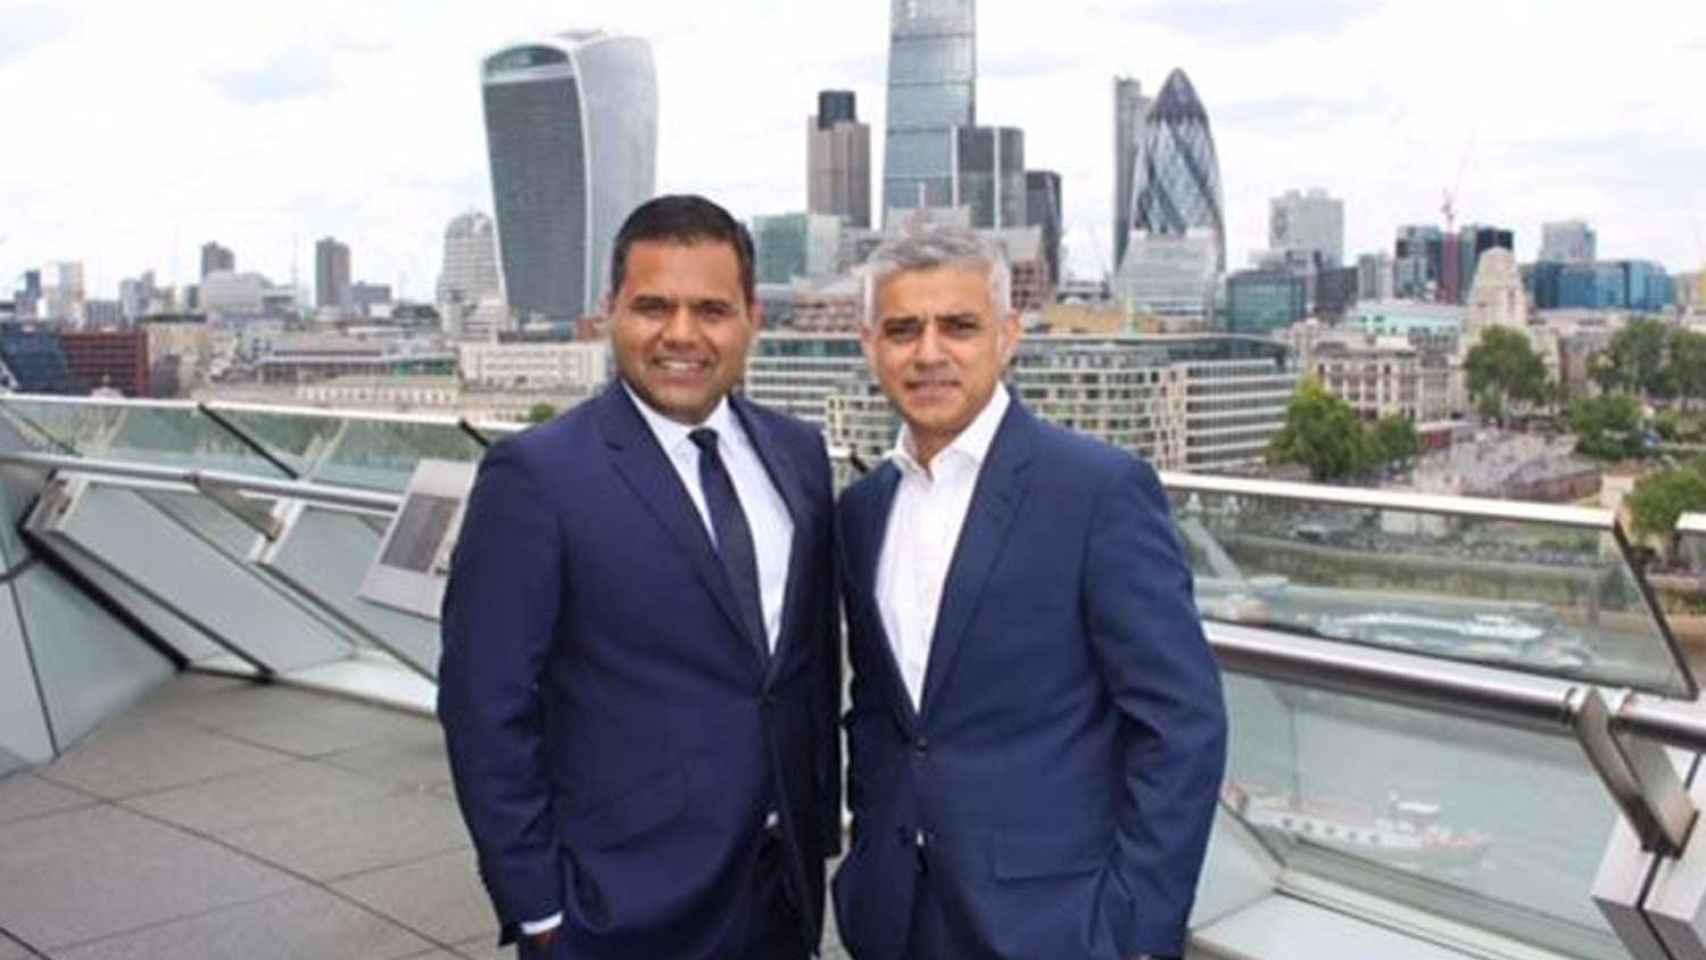 Agrawal, junto a Sadiq Khan, en el City Hall de Londres.